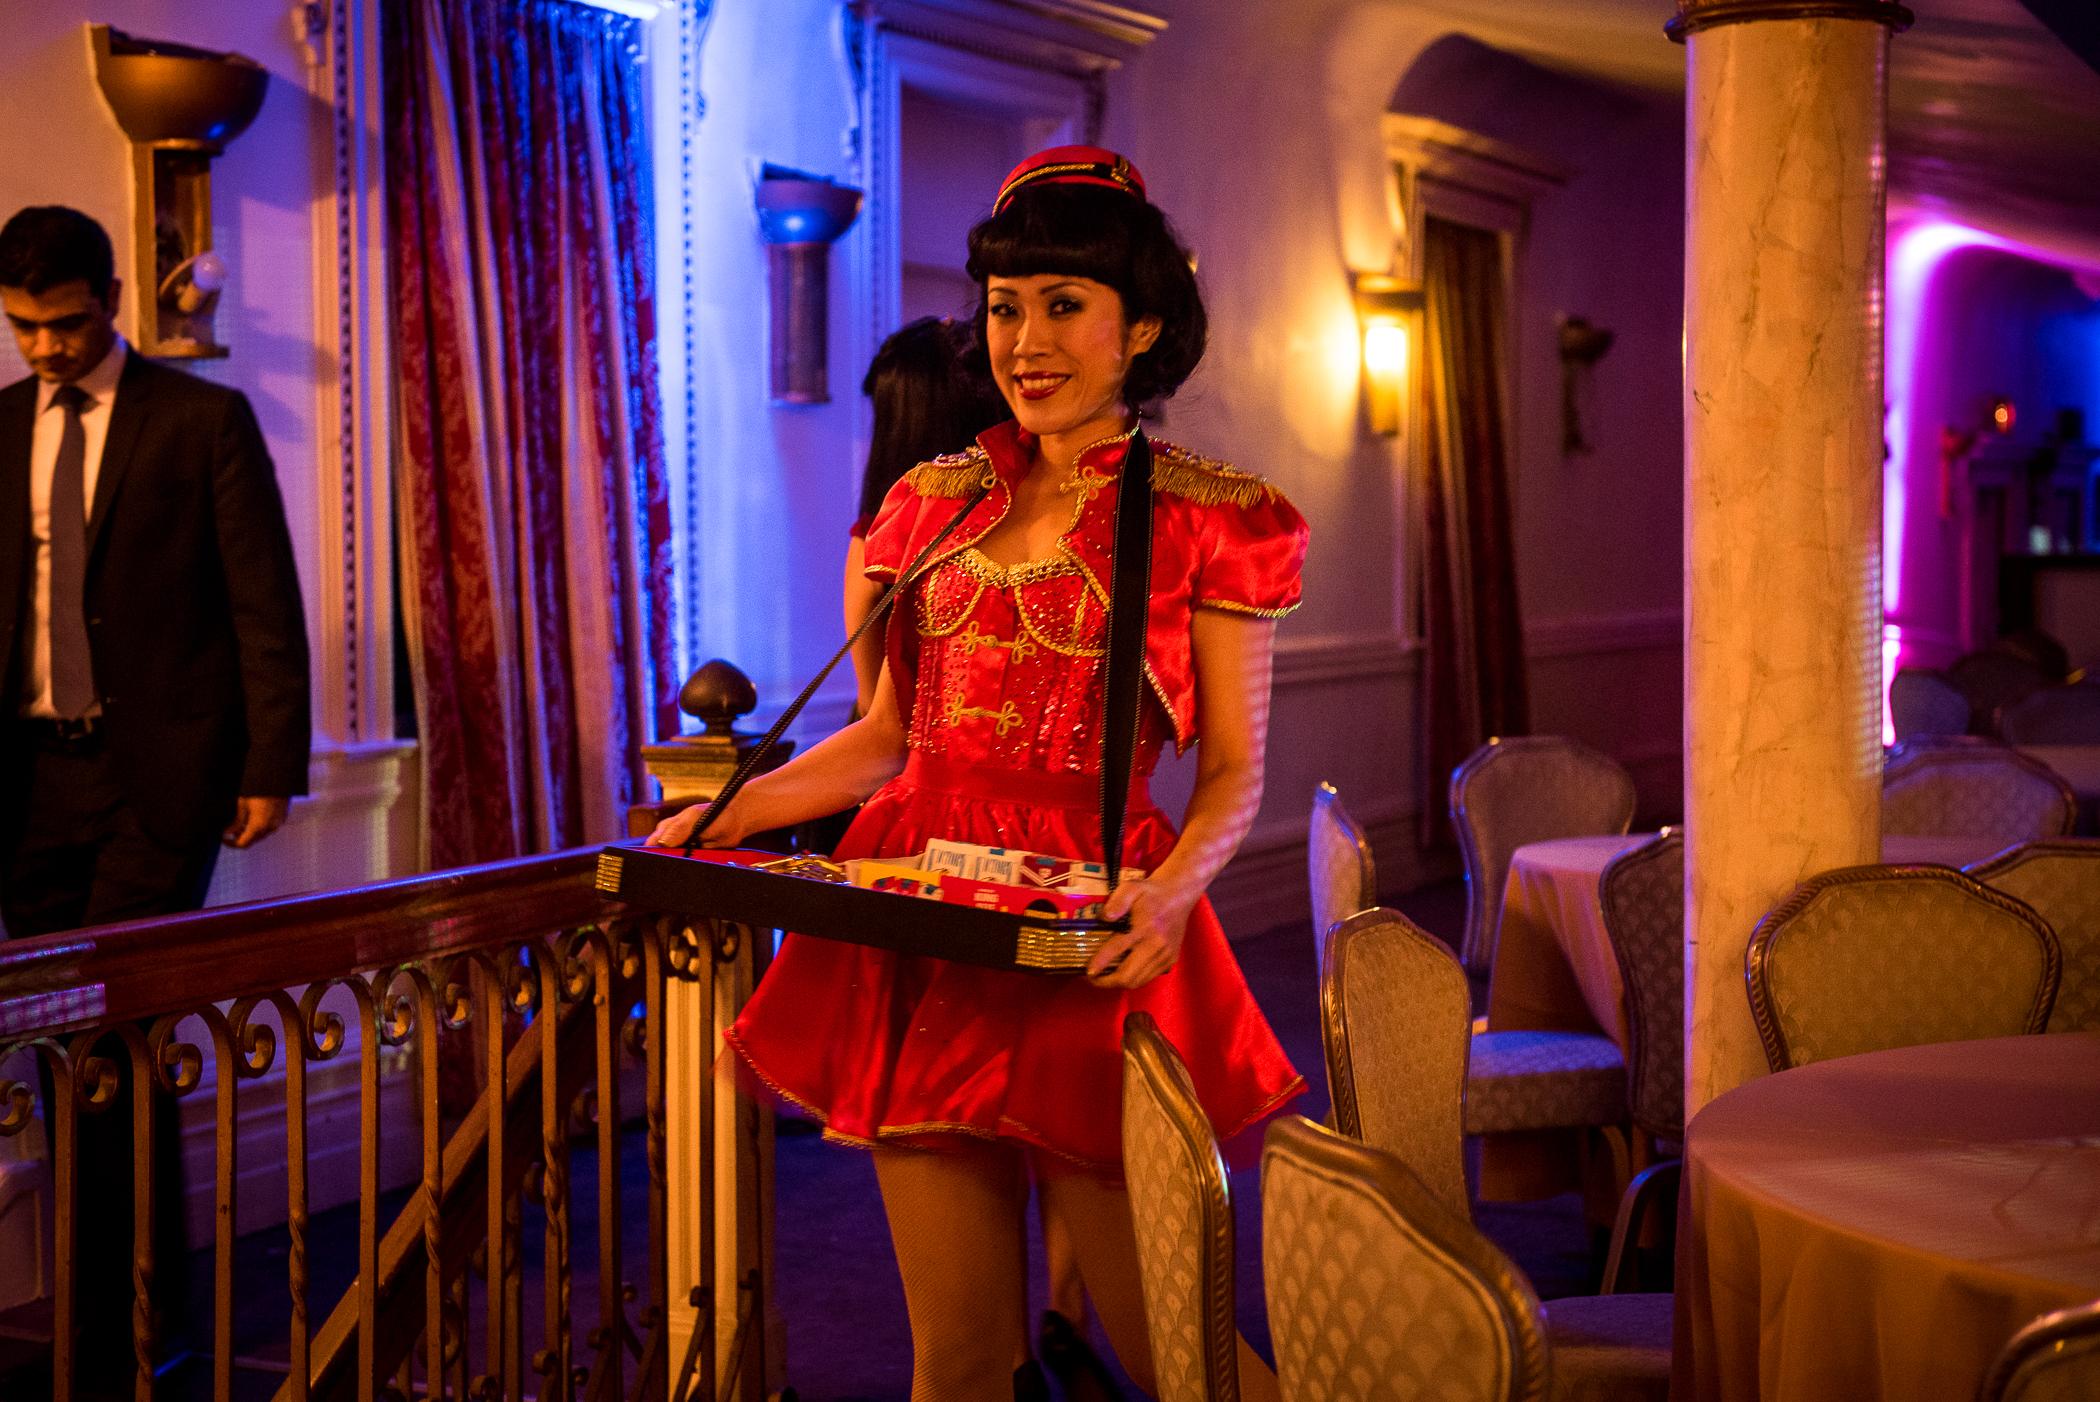 Vintage Red Cigarette Girl in Uniform